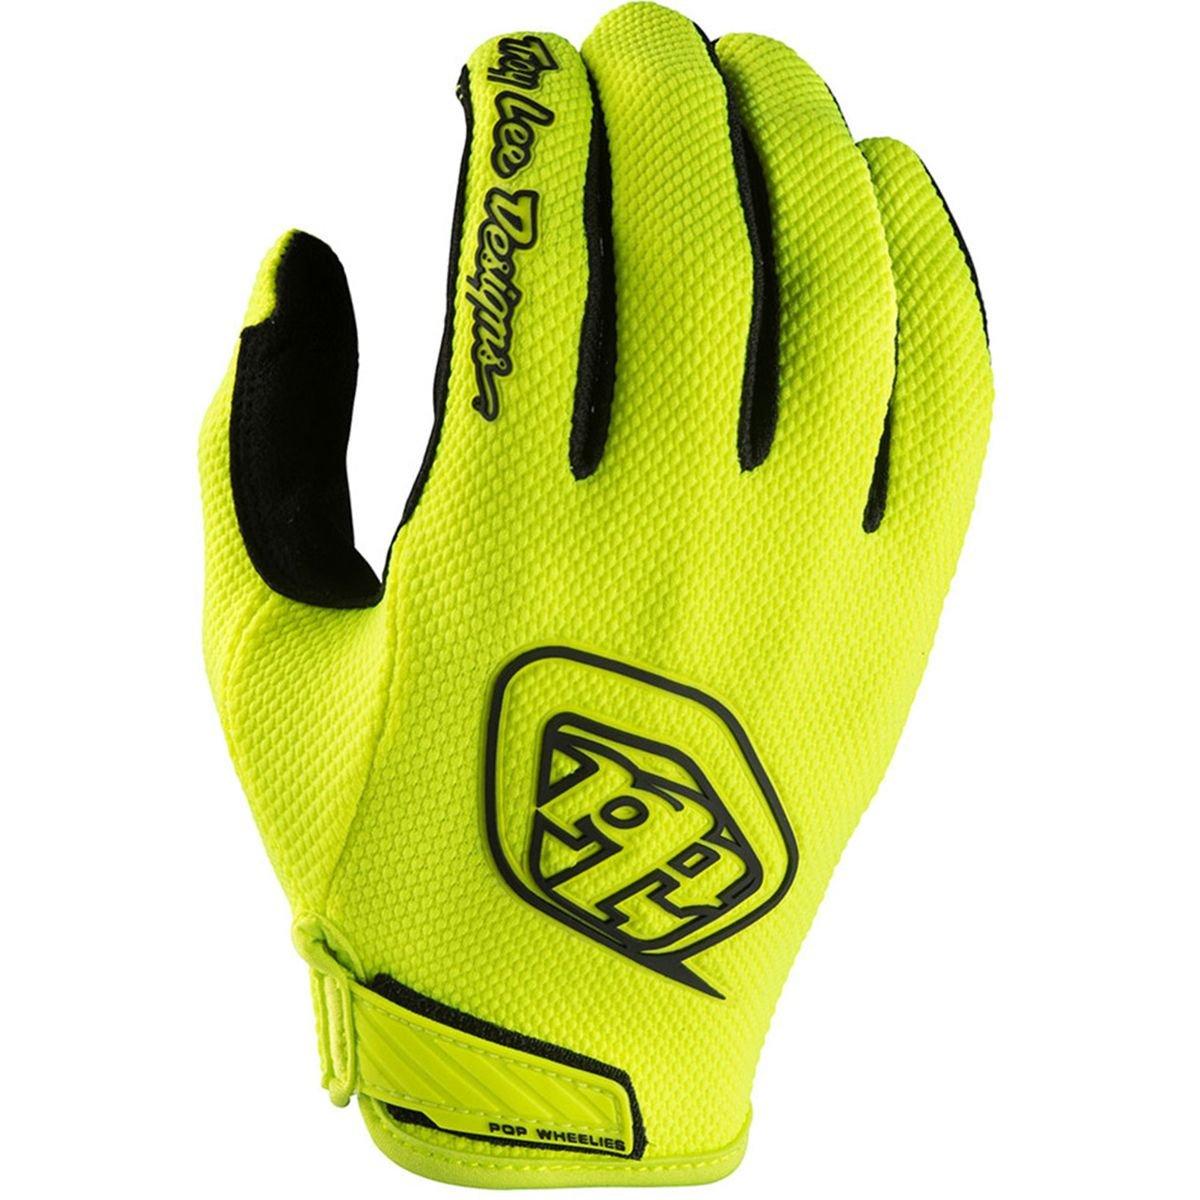 Troy Lee Designs Air - Gants - jaune/noir Modè le S 2017 gants velo hiver